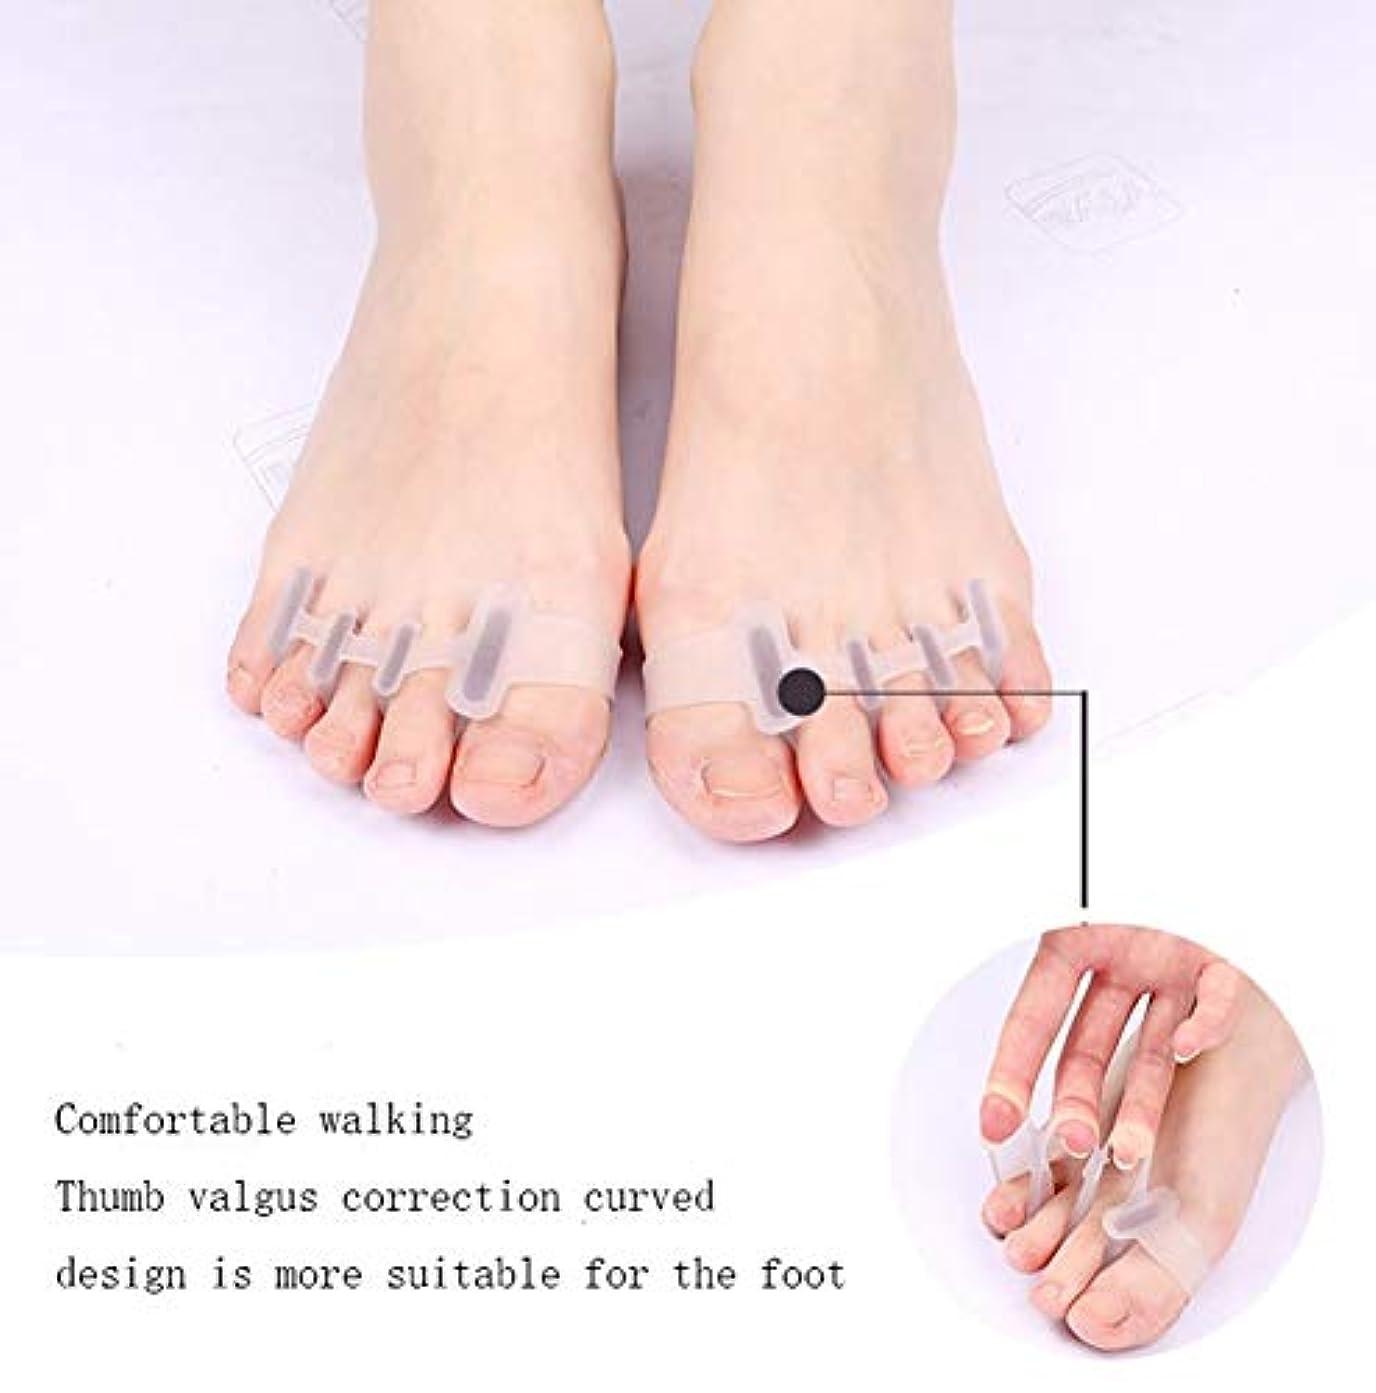 アマチュアダーベビルのテスそよ風足装具、ジェル足ストレッチャー、足に適したセパレータインスタント治療親指外反母趾コレクター